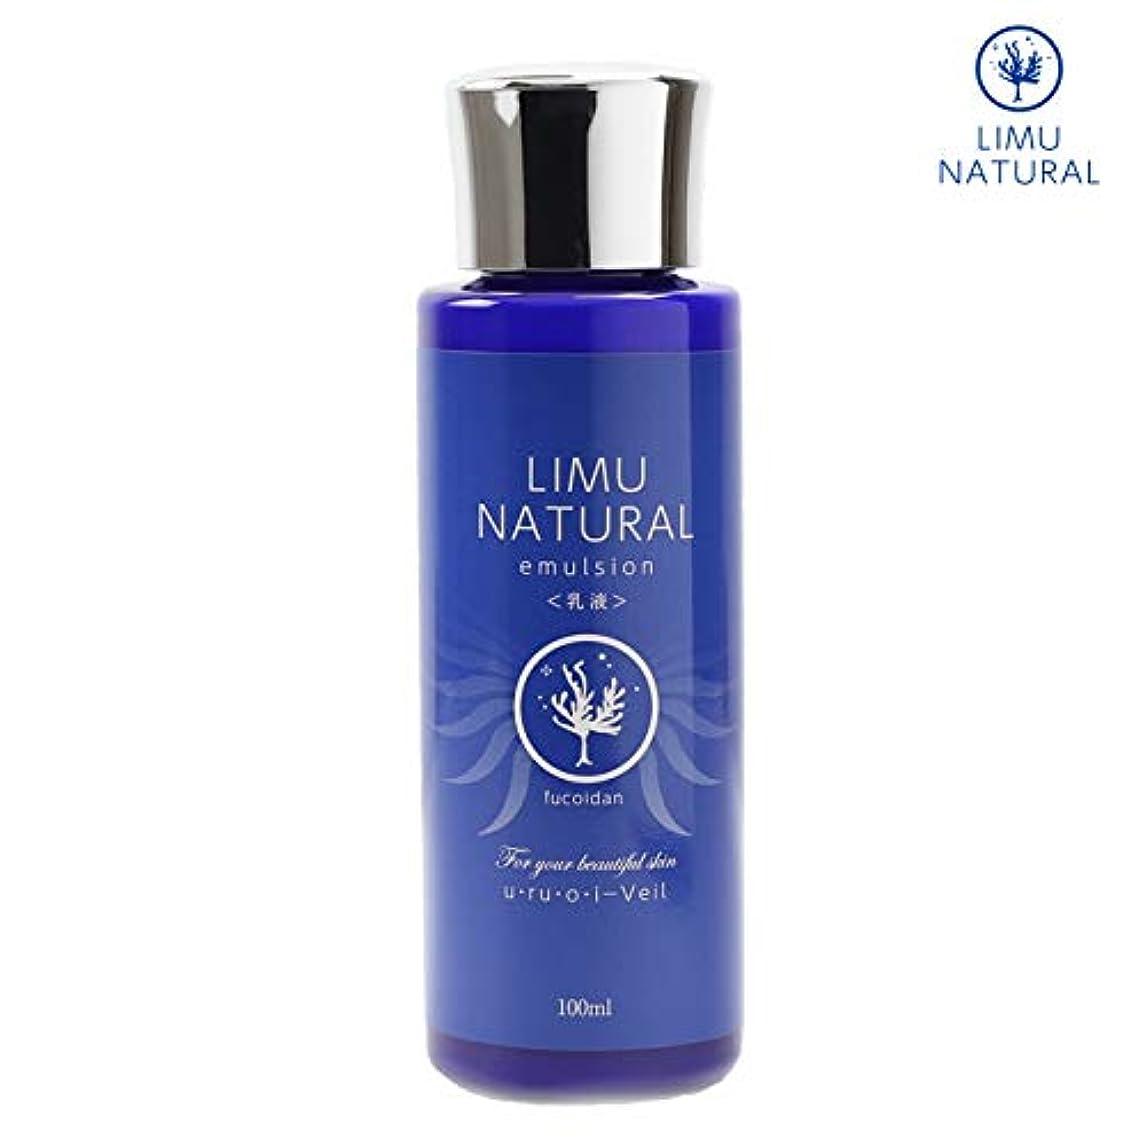 頭組立相互接続リムナチュラル 乳液 LIMU NATURAL EMULSION (100ml) 海の恵「フコイダン」と大地の恵「グリセリルグルコシド」を贅沢に配合